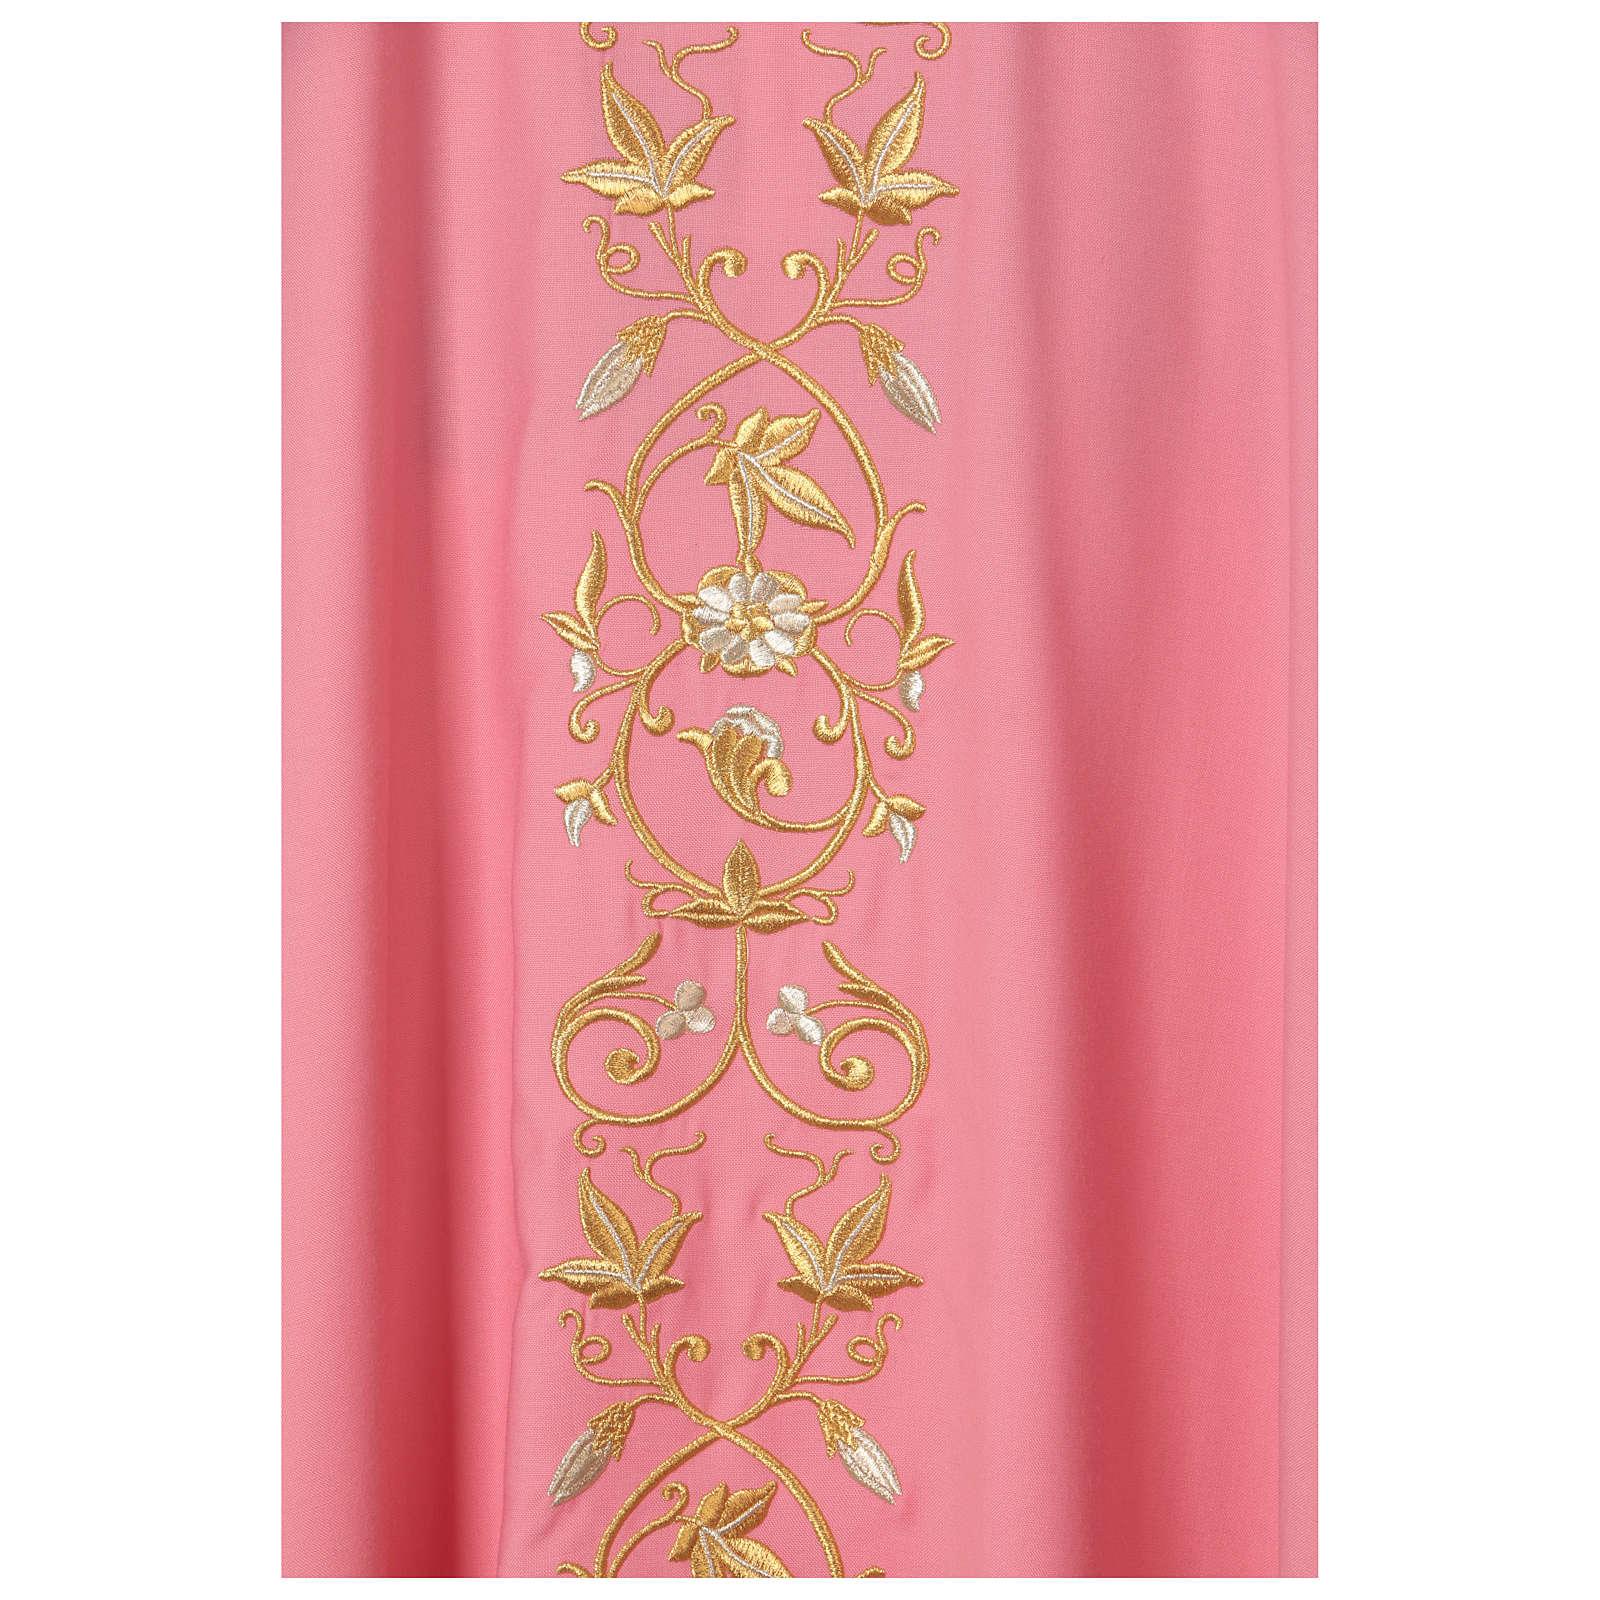 Casula Rosa 100% Lã Decorações Douradas 4